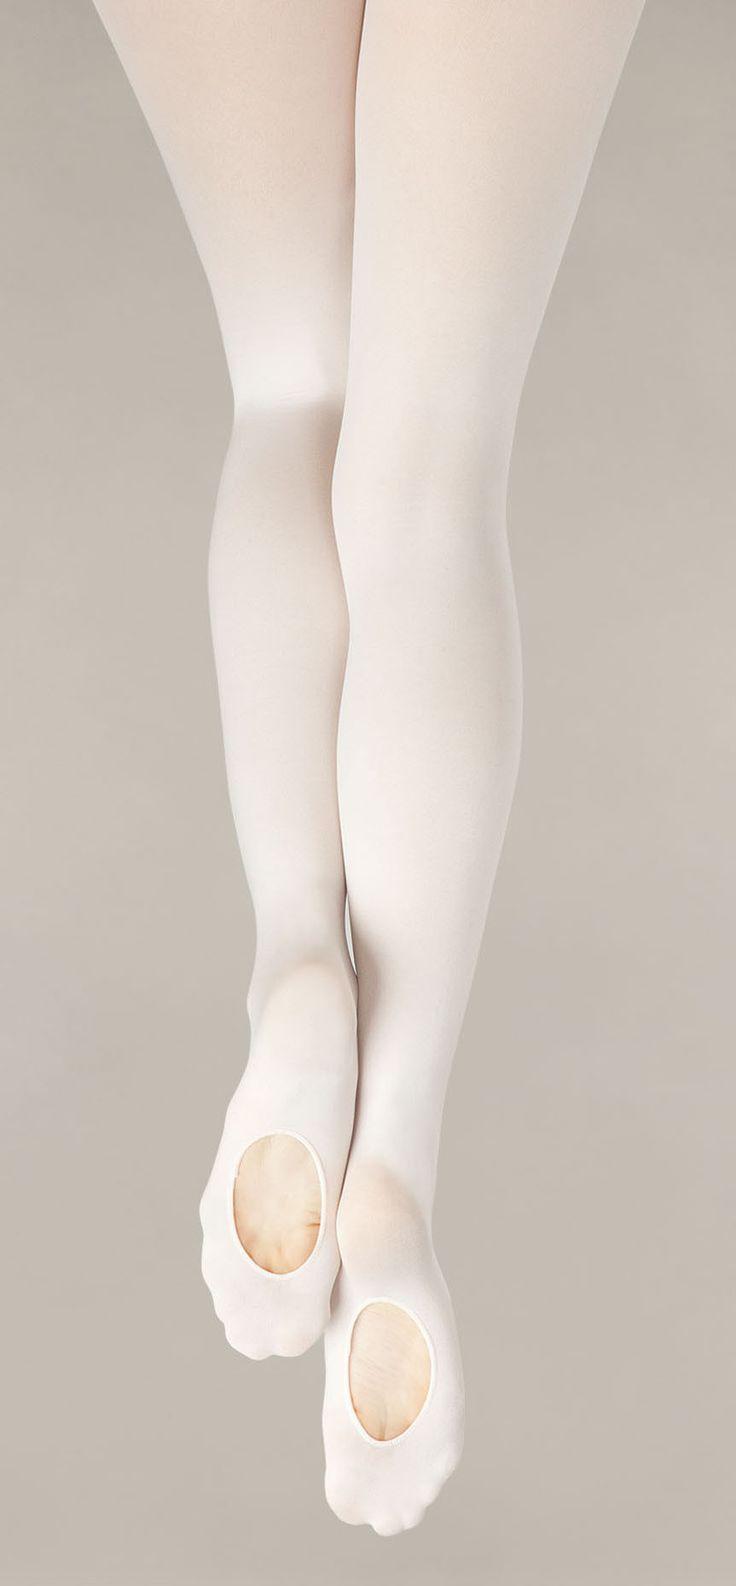 Transition Foot Tights Capezio 1816